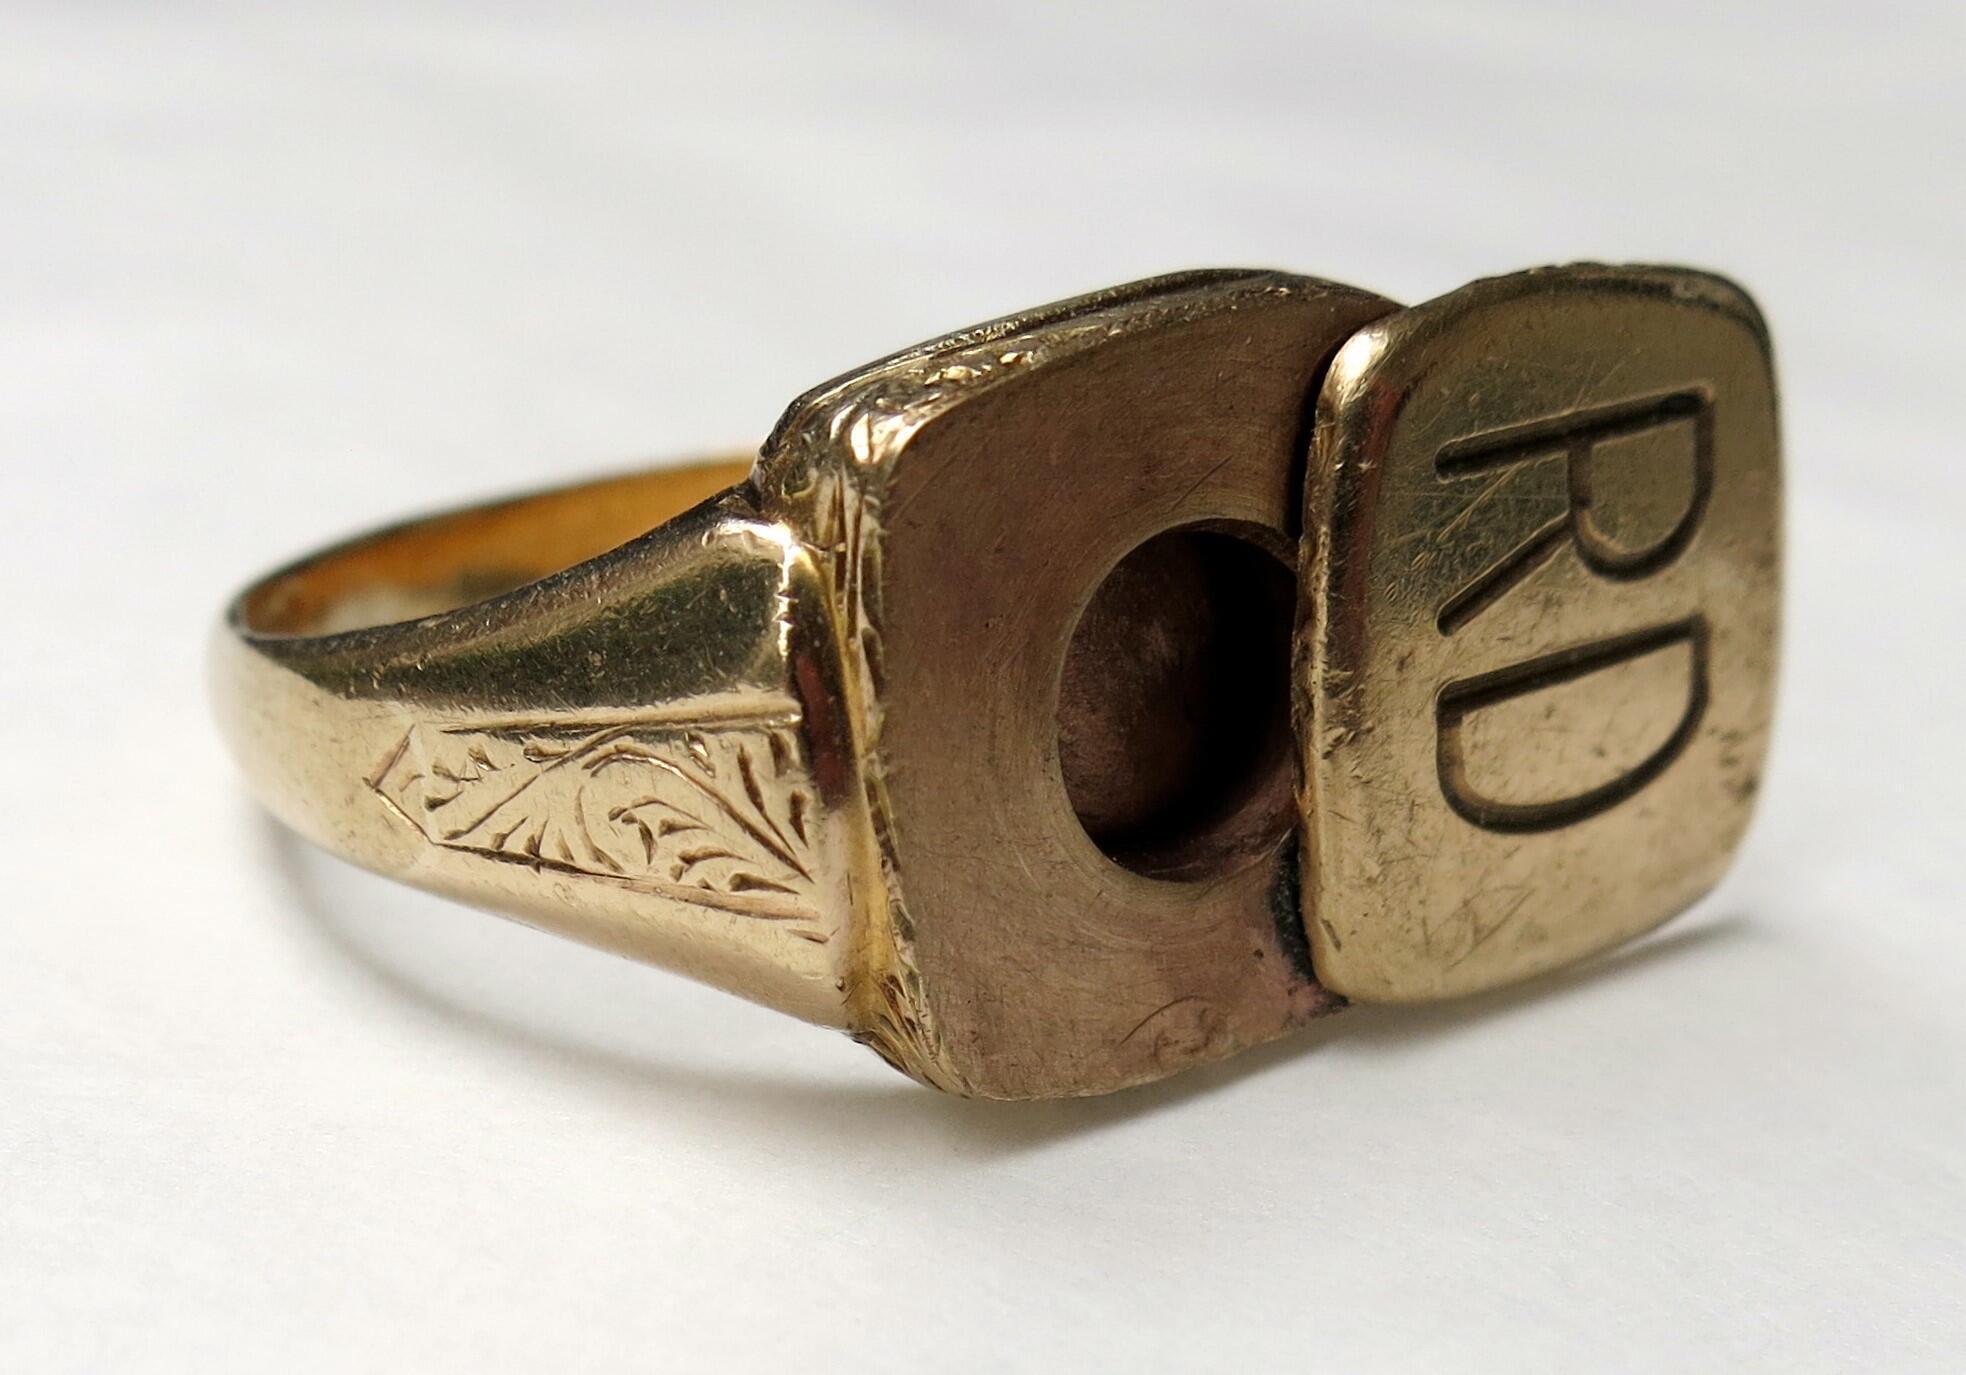 Перстень для хранения пилюли с цианистым калием, период Второй мировой войны